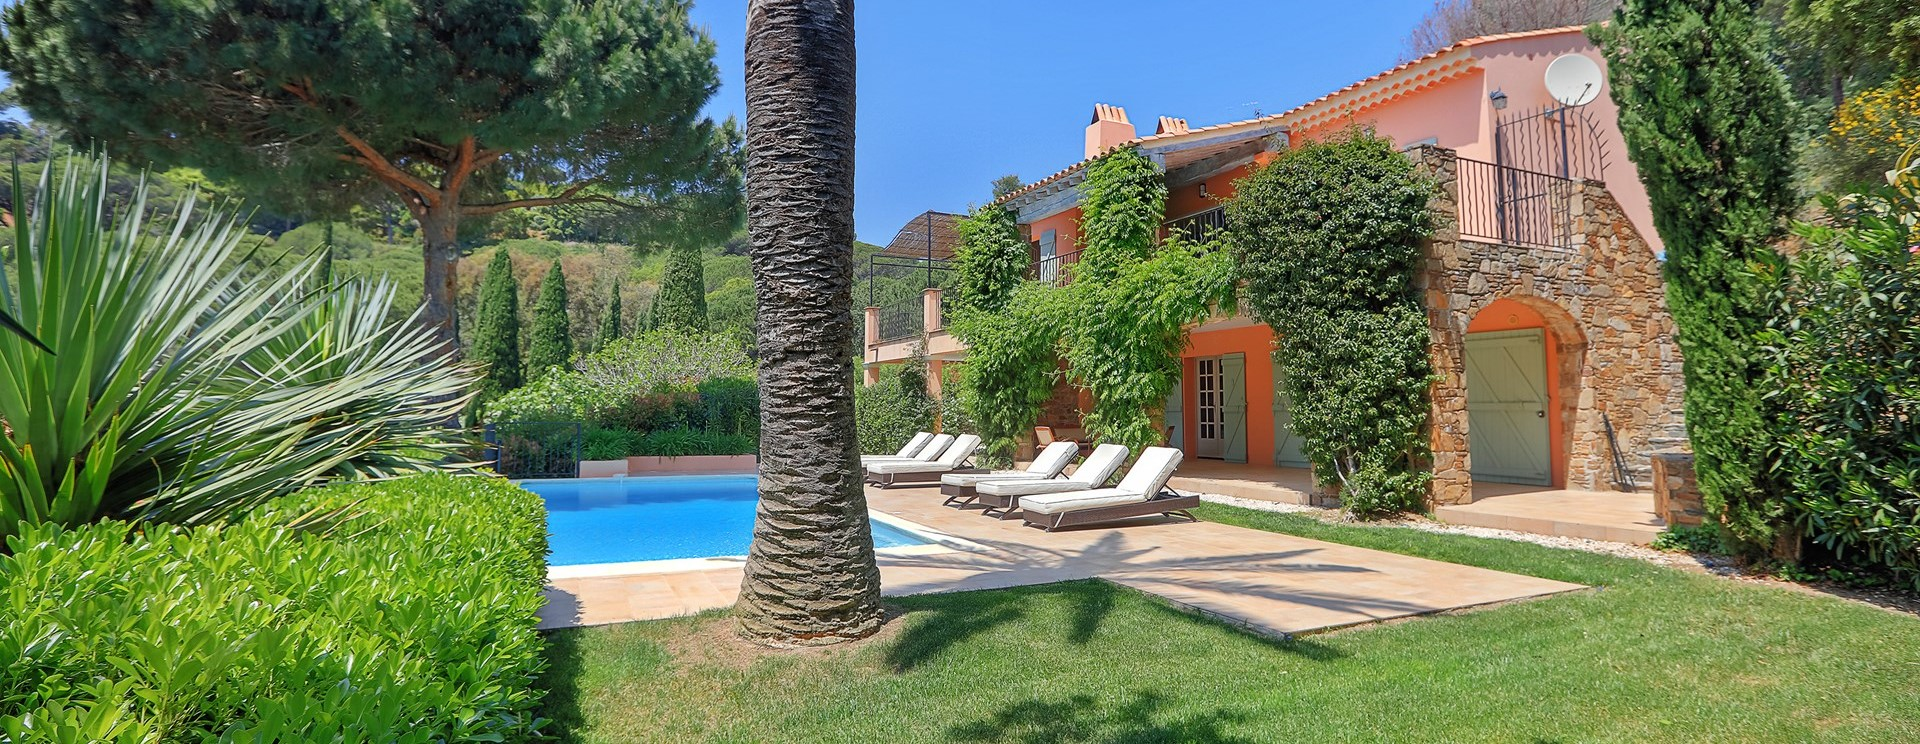 villa-gigaro-facade-pool-garden